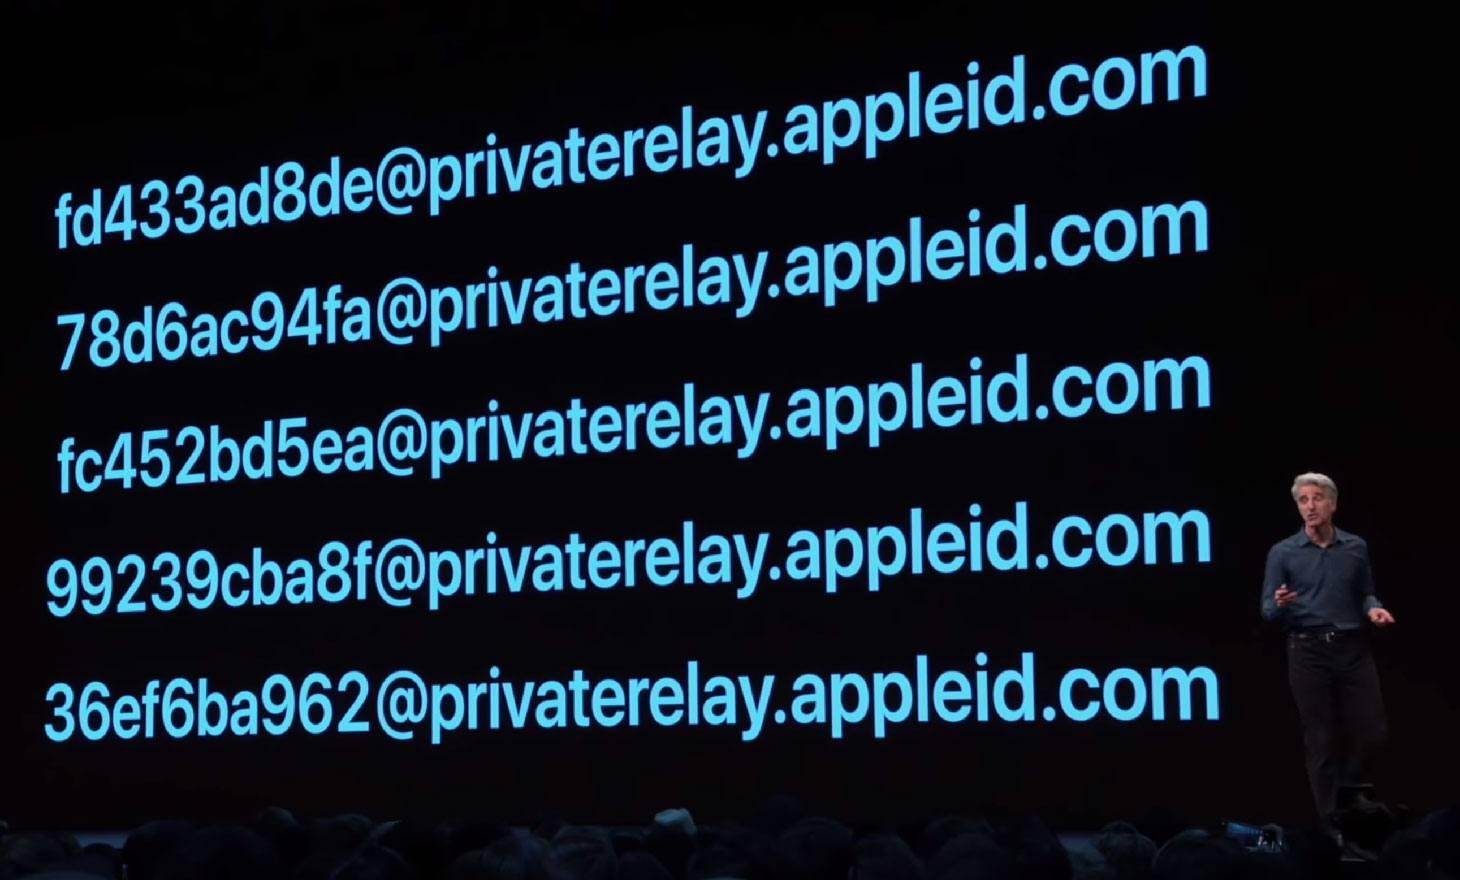 Ejemplos de direcciones de correo electrónico que Sign In with Apple generóde forma aleatoria.